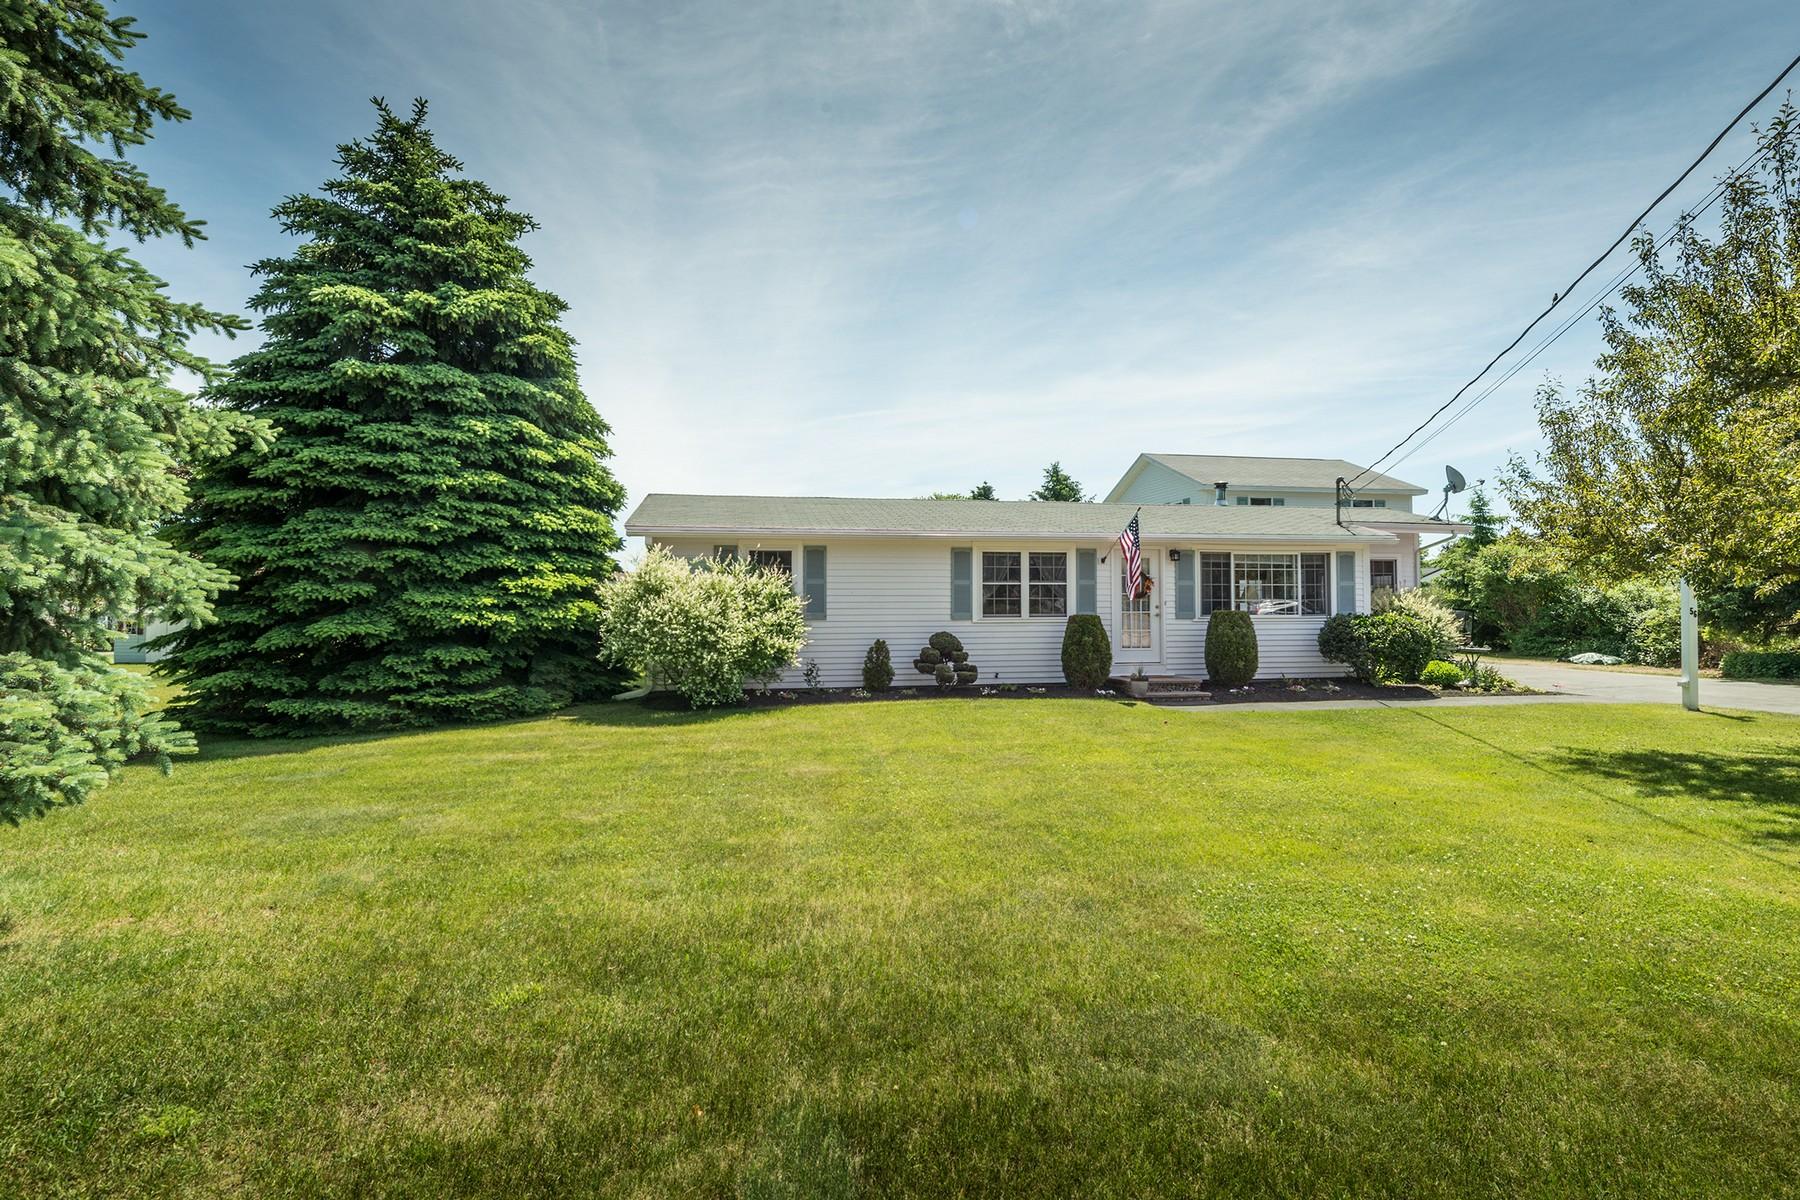 Maison unifamiliale pour l Vente à Newly Updated Ranch by Moody Beach 56 Gendron Drive Wells, Maine 04090 États-Unis